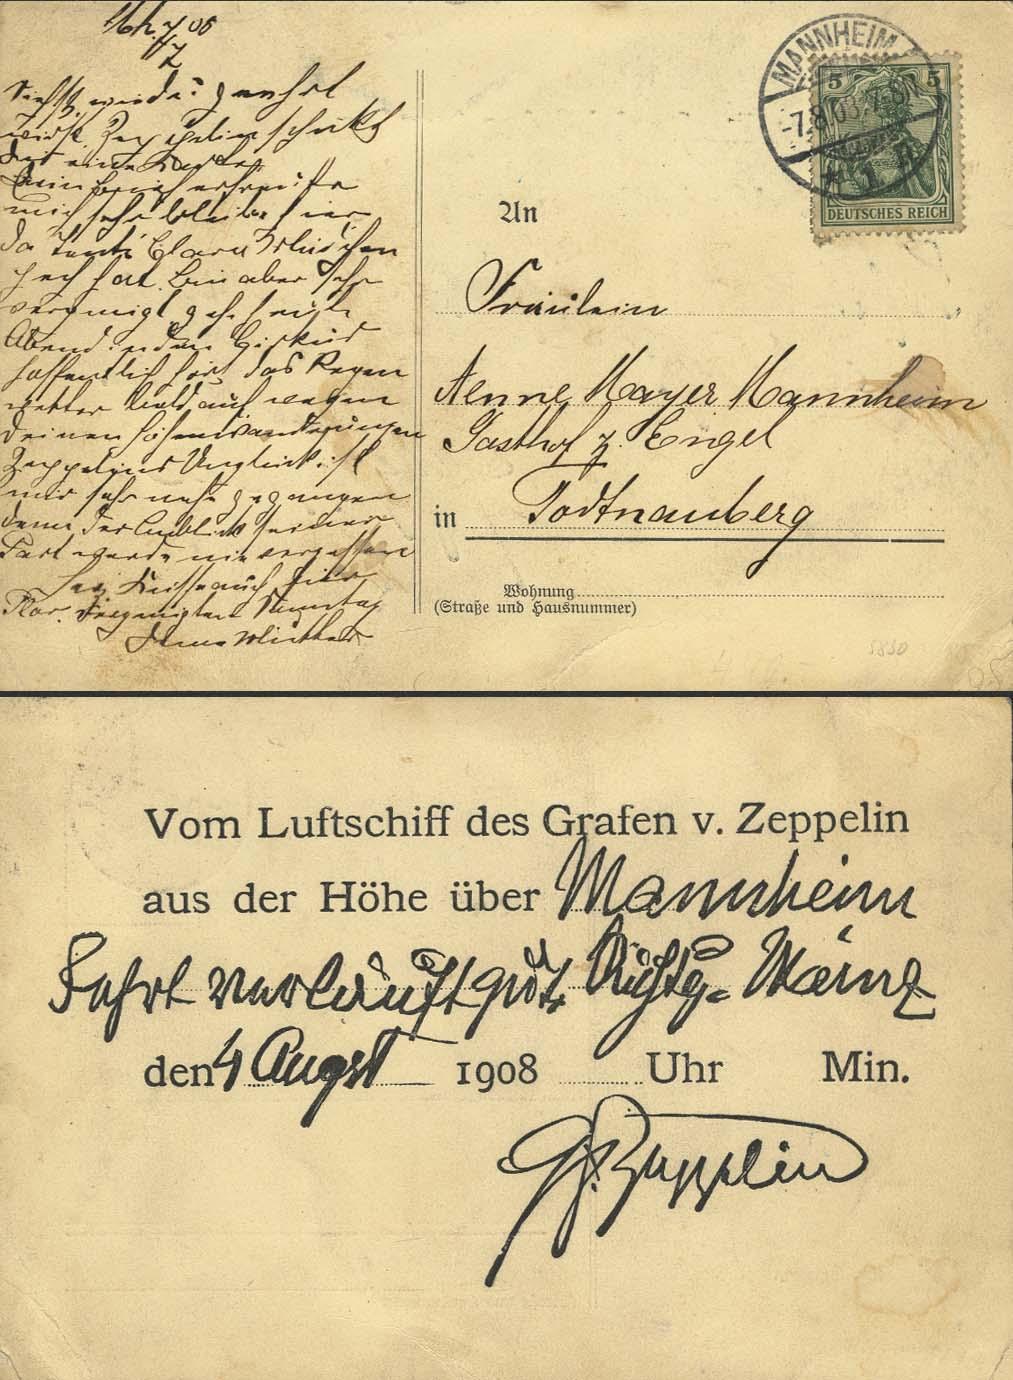 Lot 4119 - zeppelinpost nach sieger Pioniere - LZ 4 -  Auktionshaus Ulrich Felzmann GmbH & Co. KG